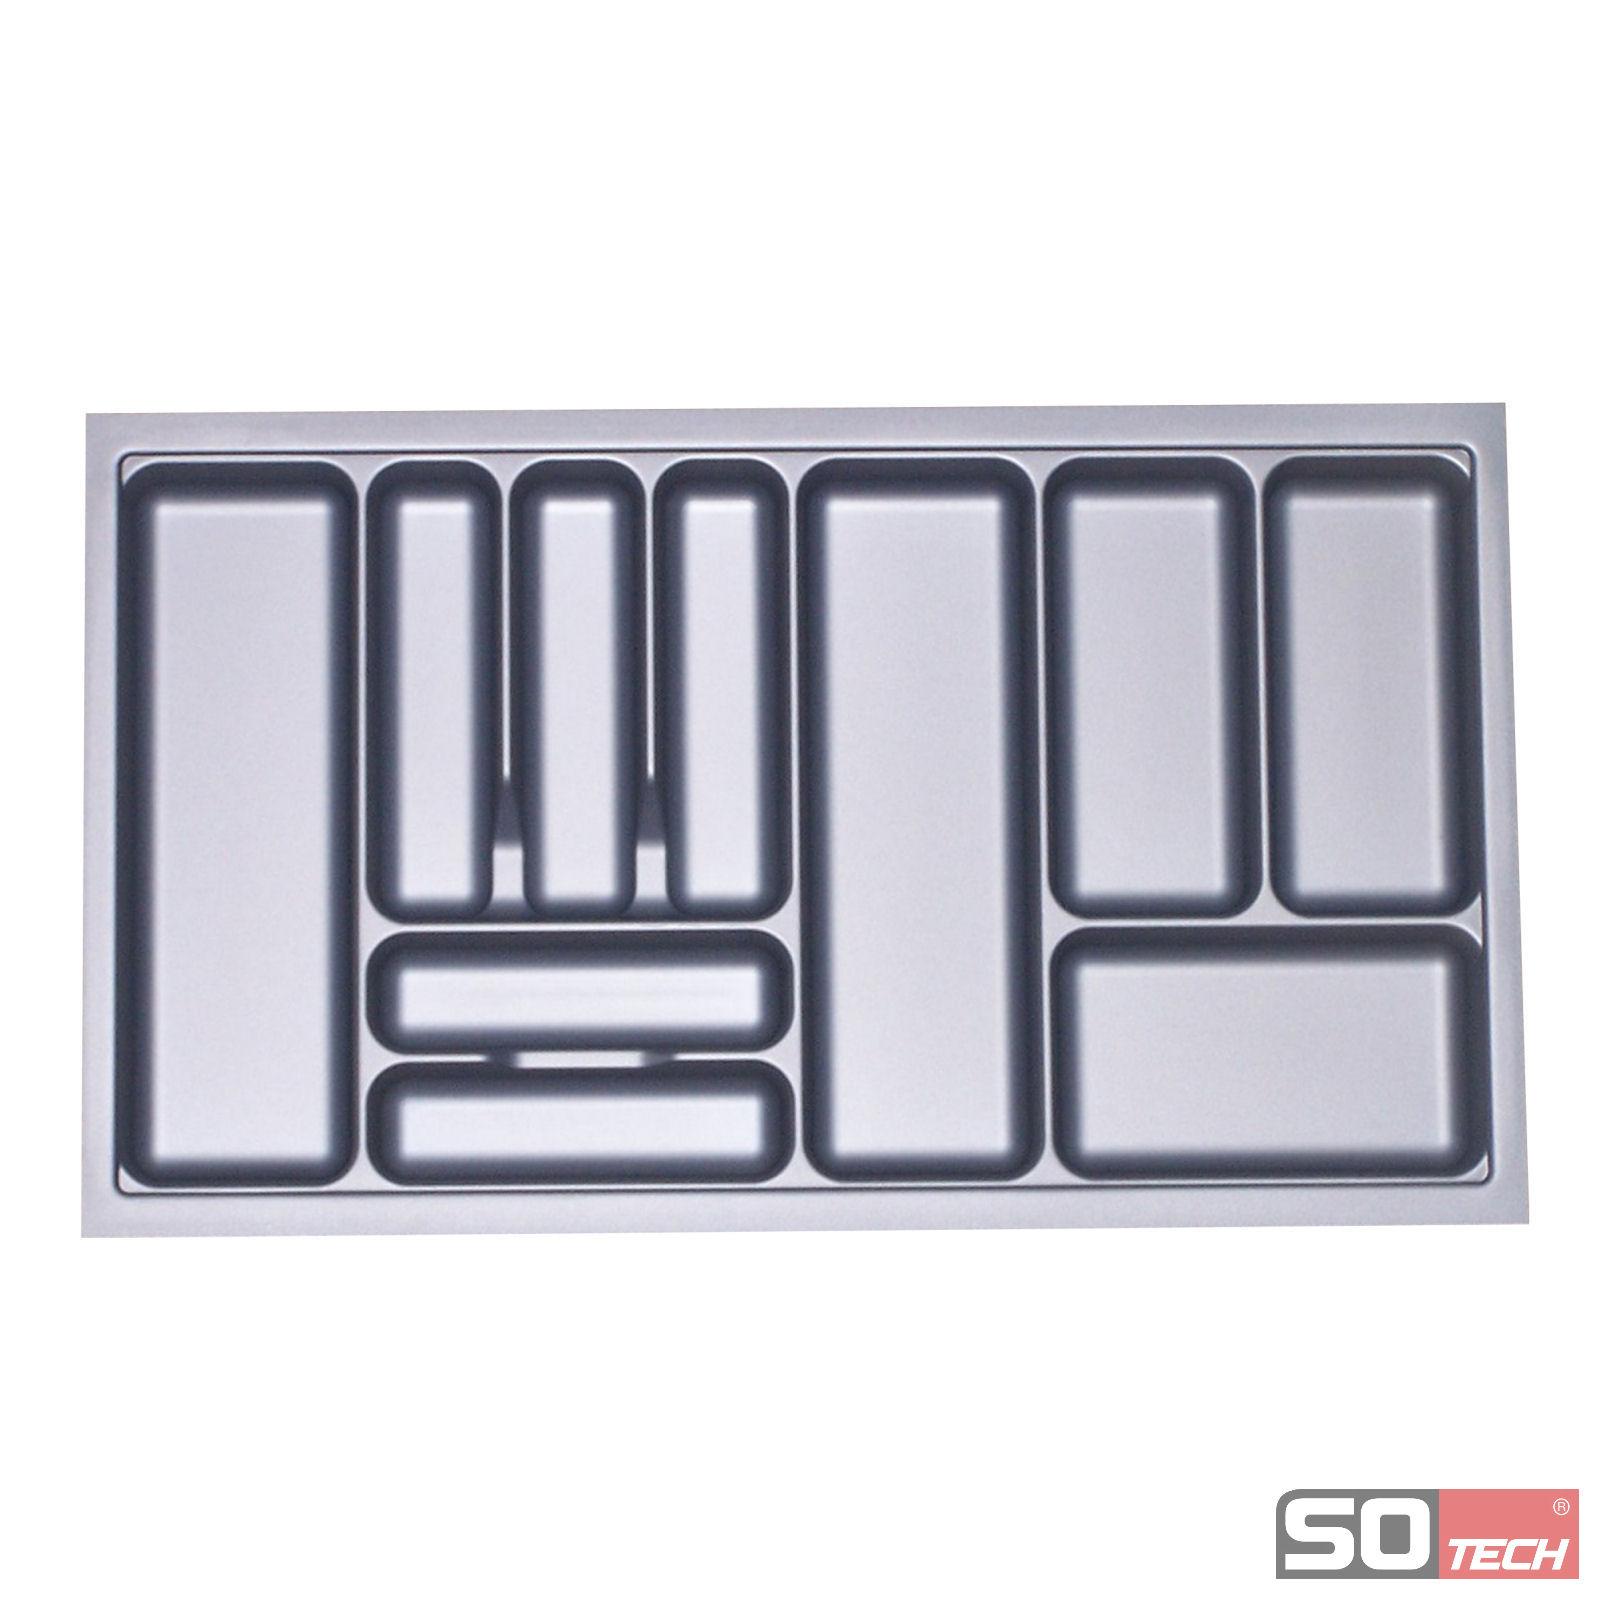 besteckeinsatz orga box 174 f 252 r 90cm schublade besteckeinteilung schubladeneinsatz ebay